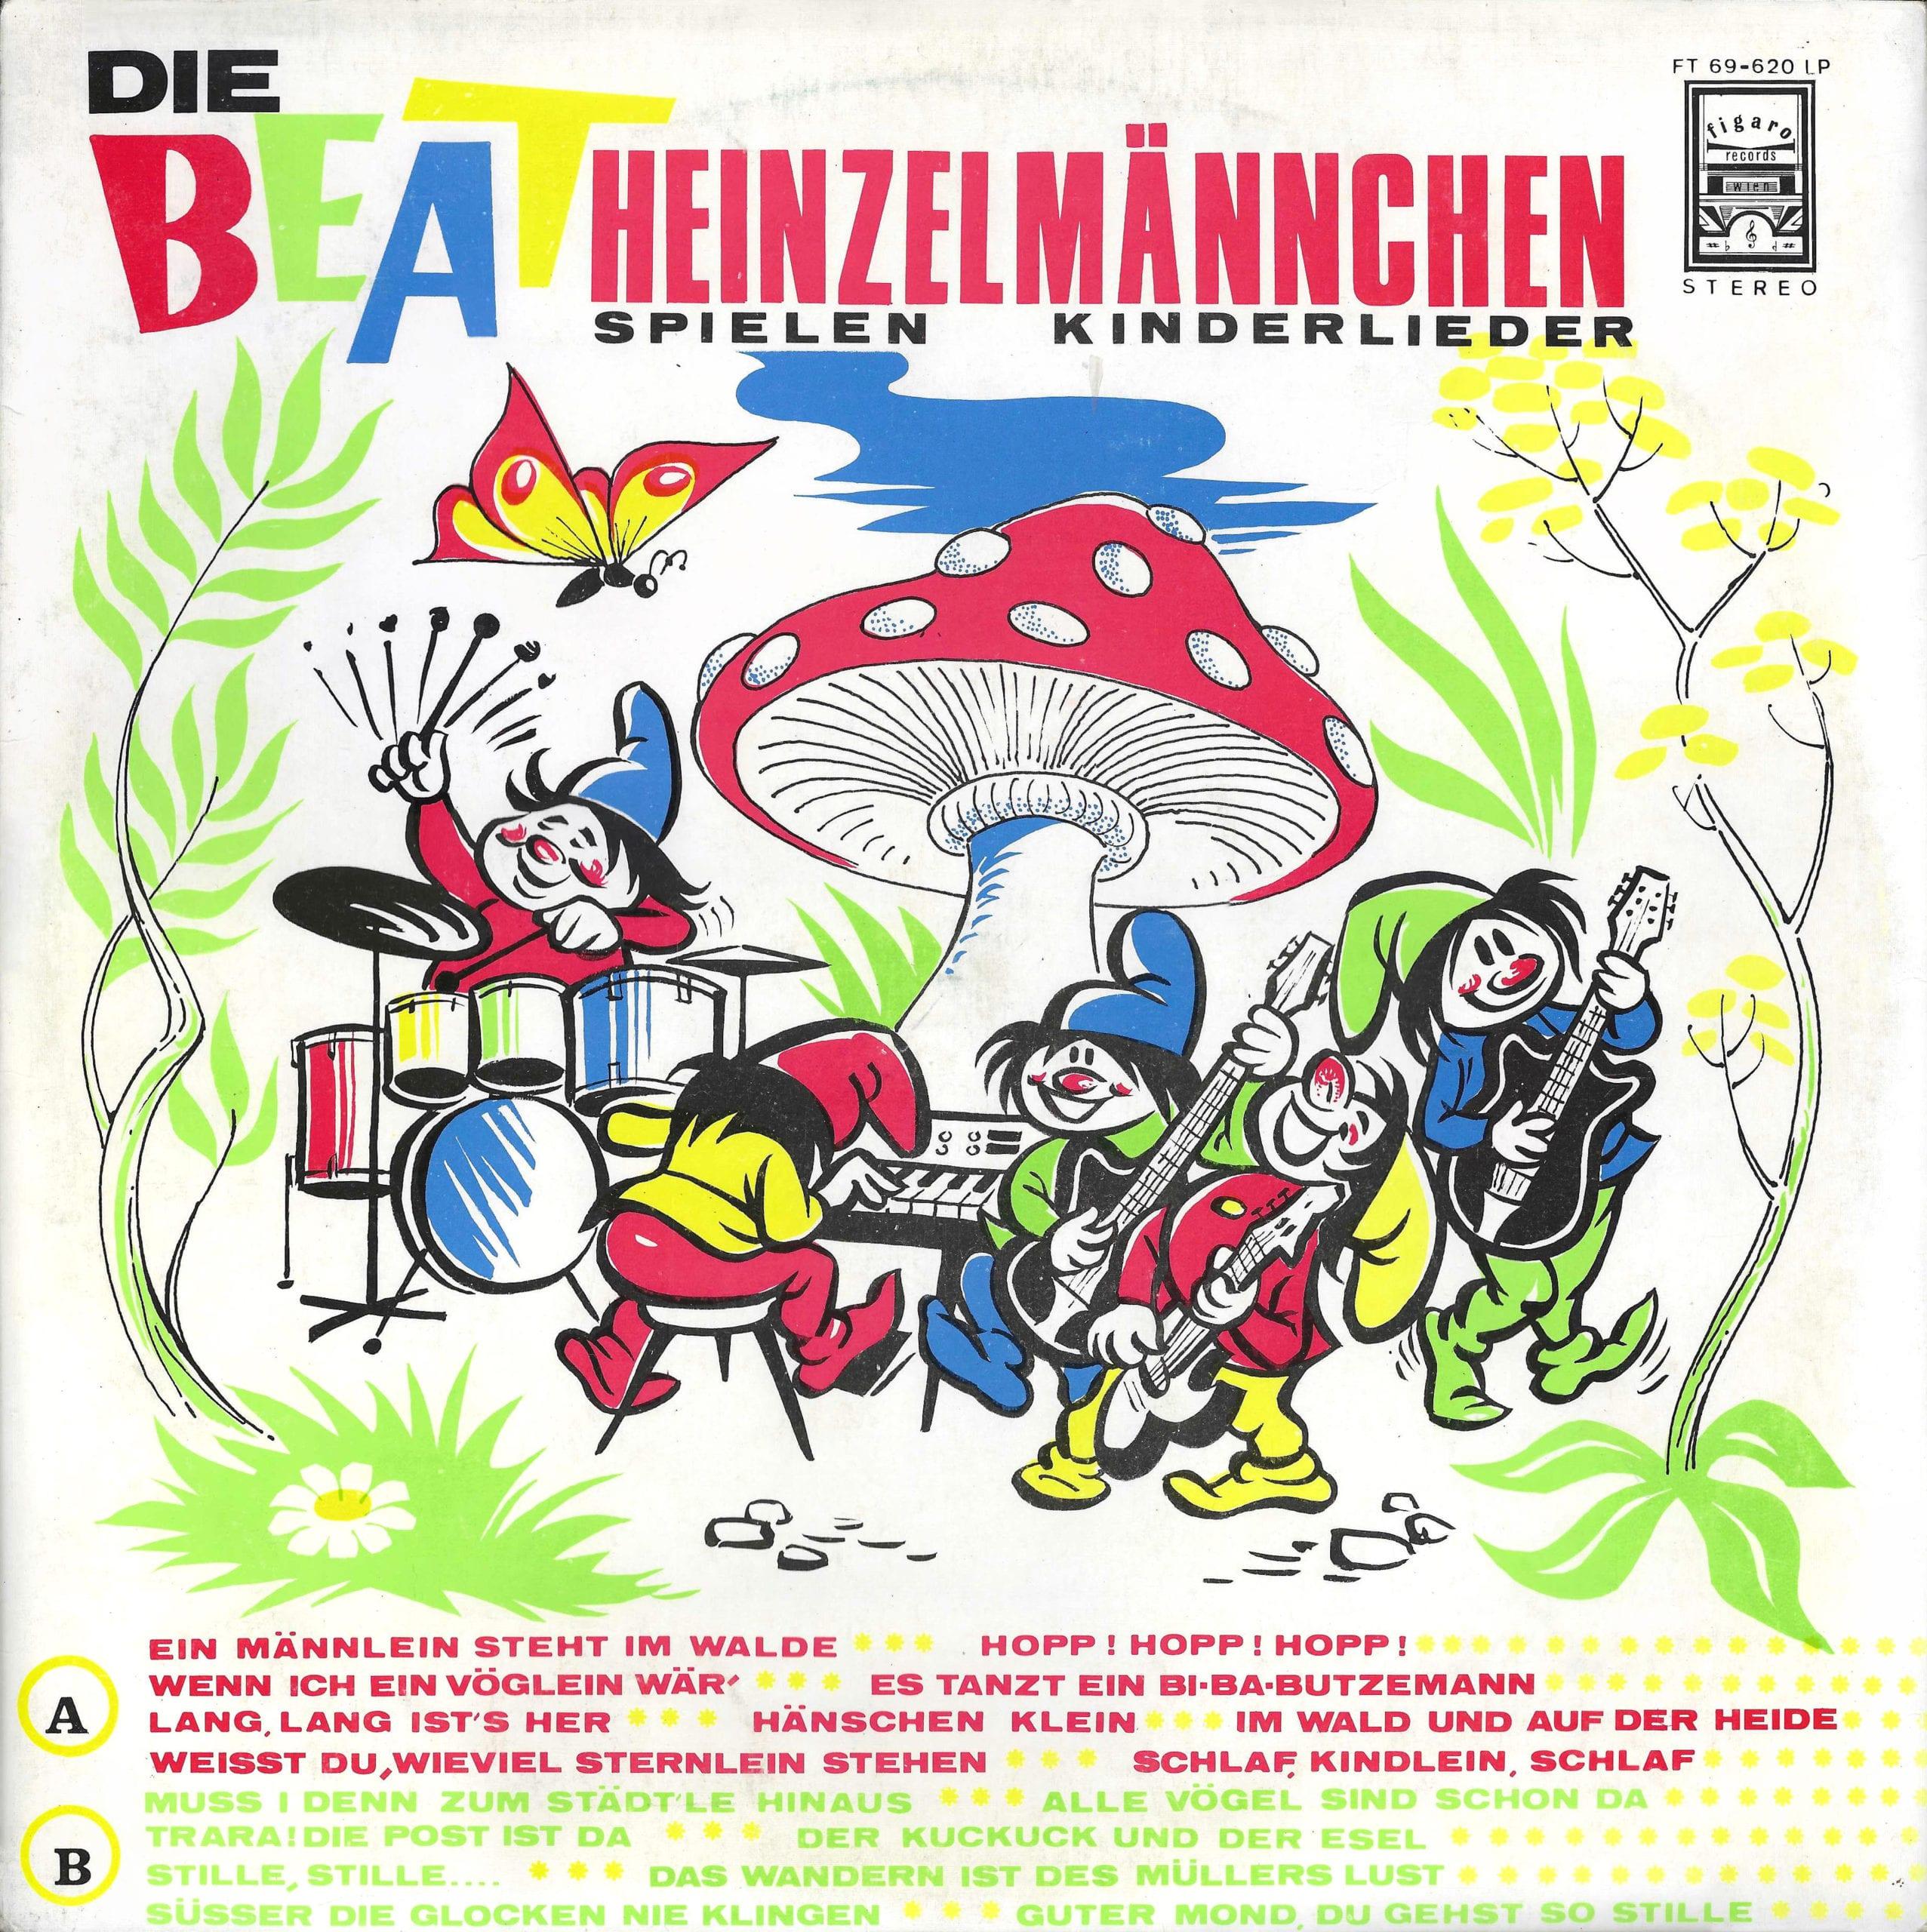 Beatheinzelmännchen – 1